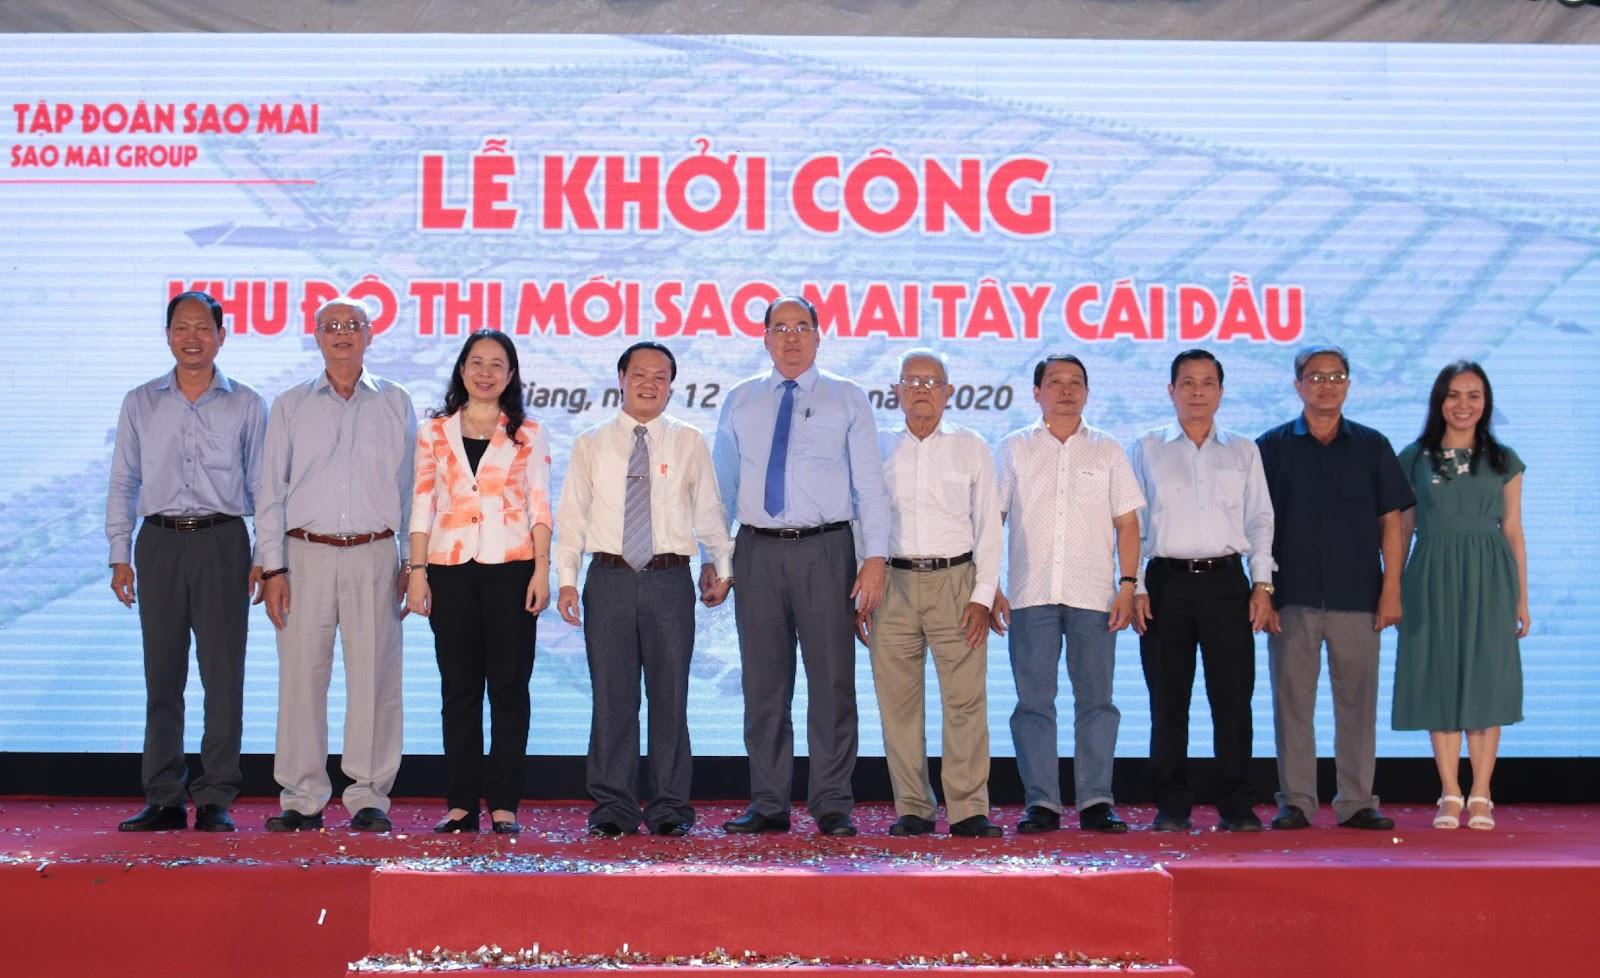 6. Các đại biểu chụp ảnh lưu niệm cùng lãnh đạo Sao Mai Group